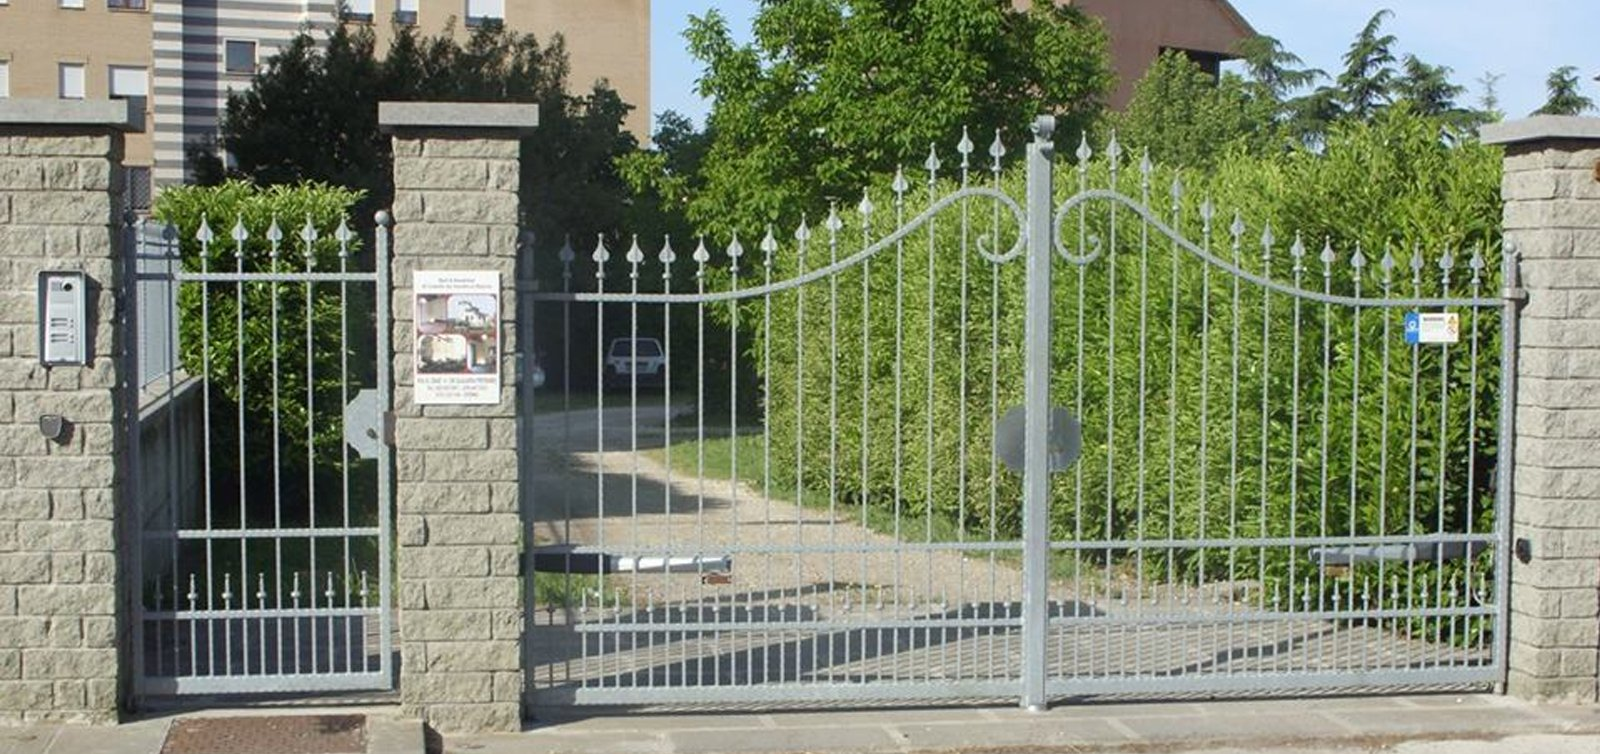 cancelli in ferro battuto VIterbo